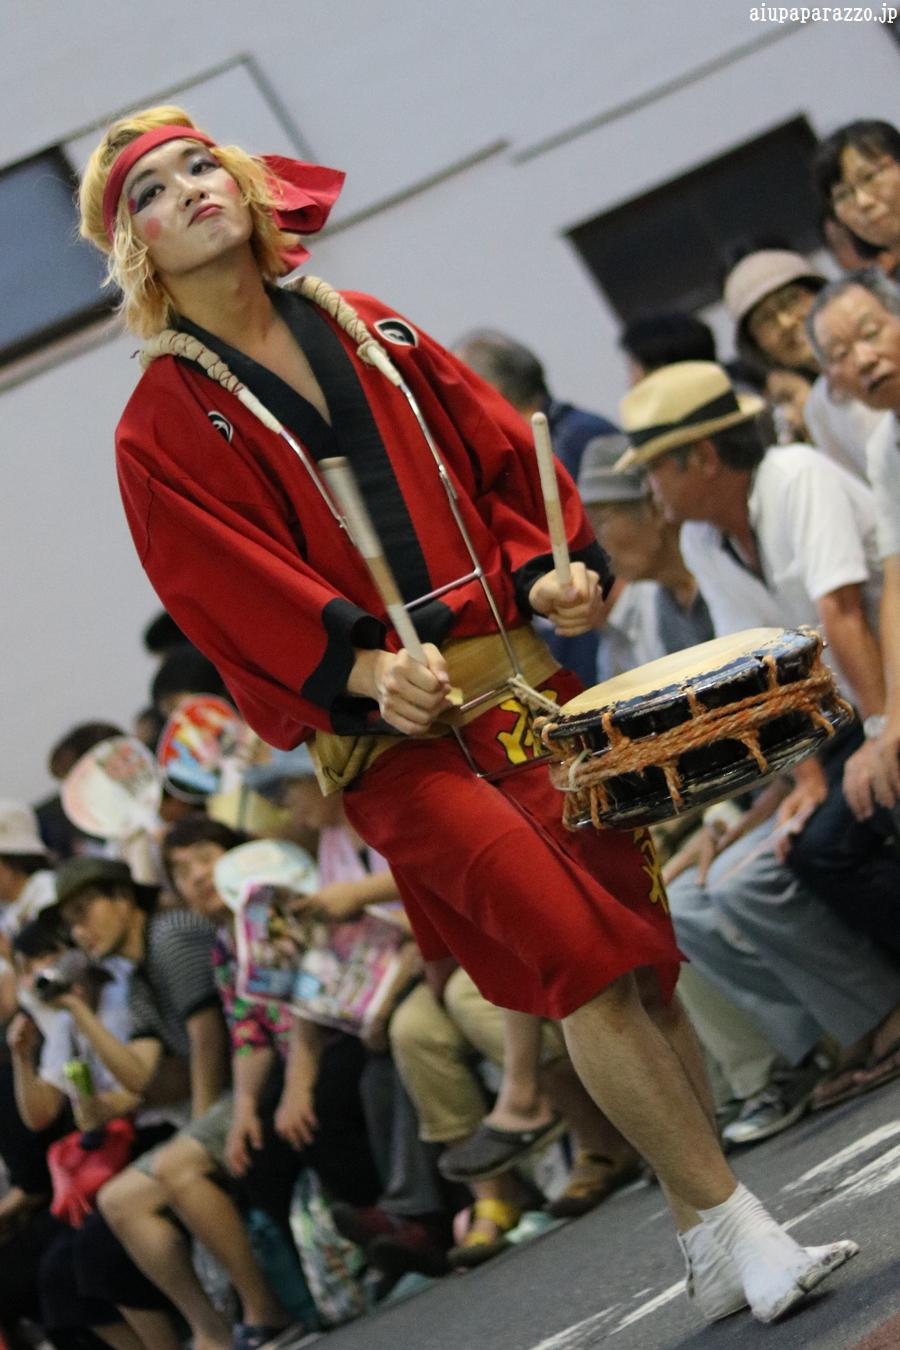 takara2016kitamachi_11.jpg